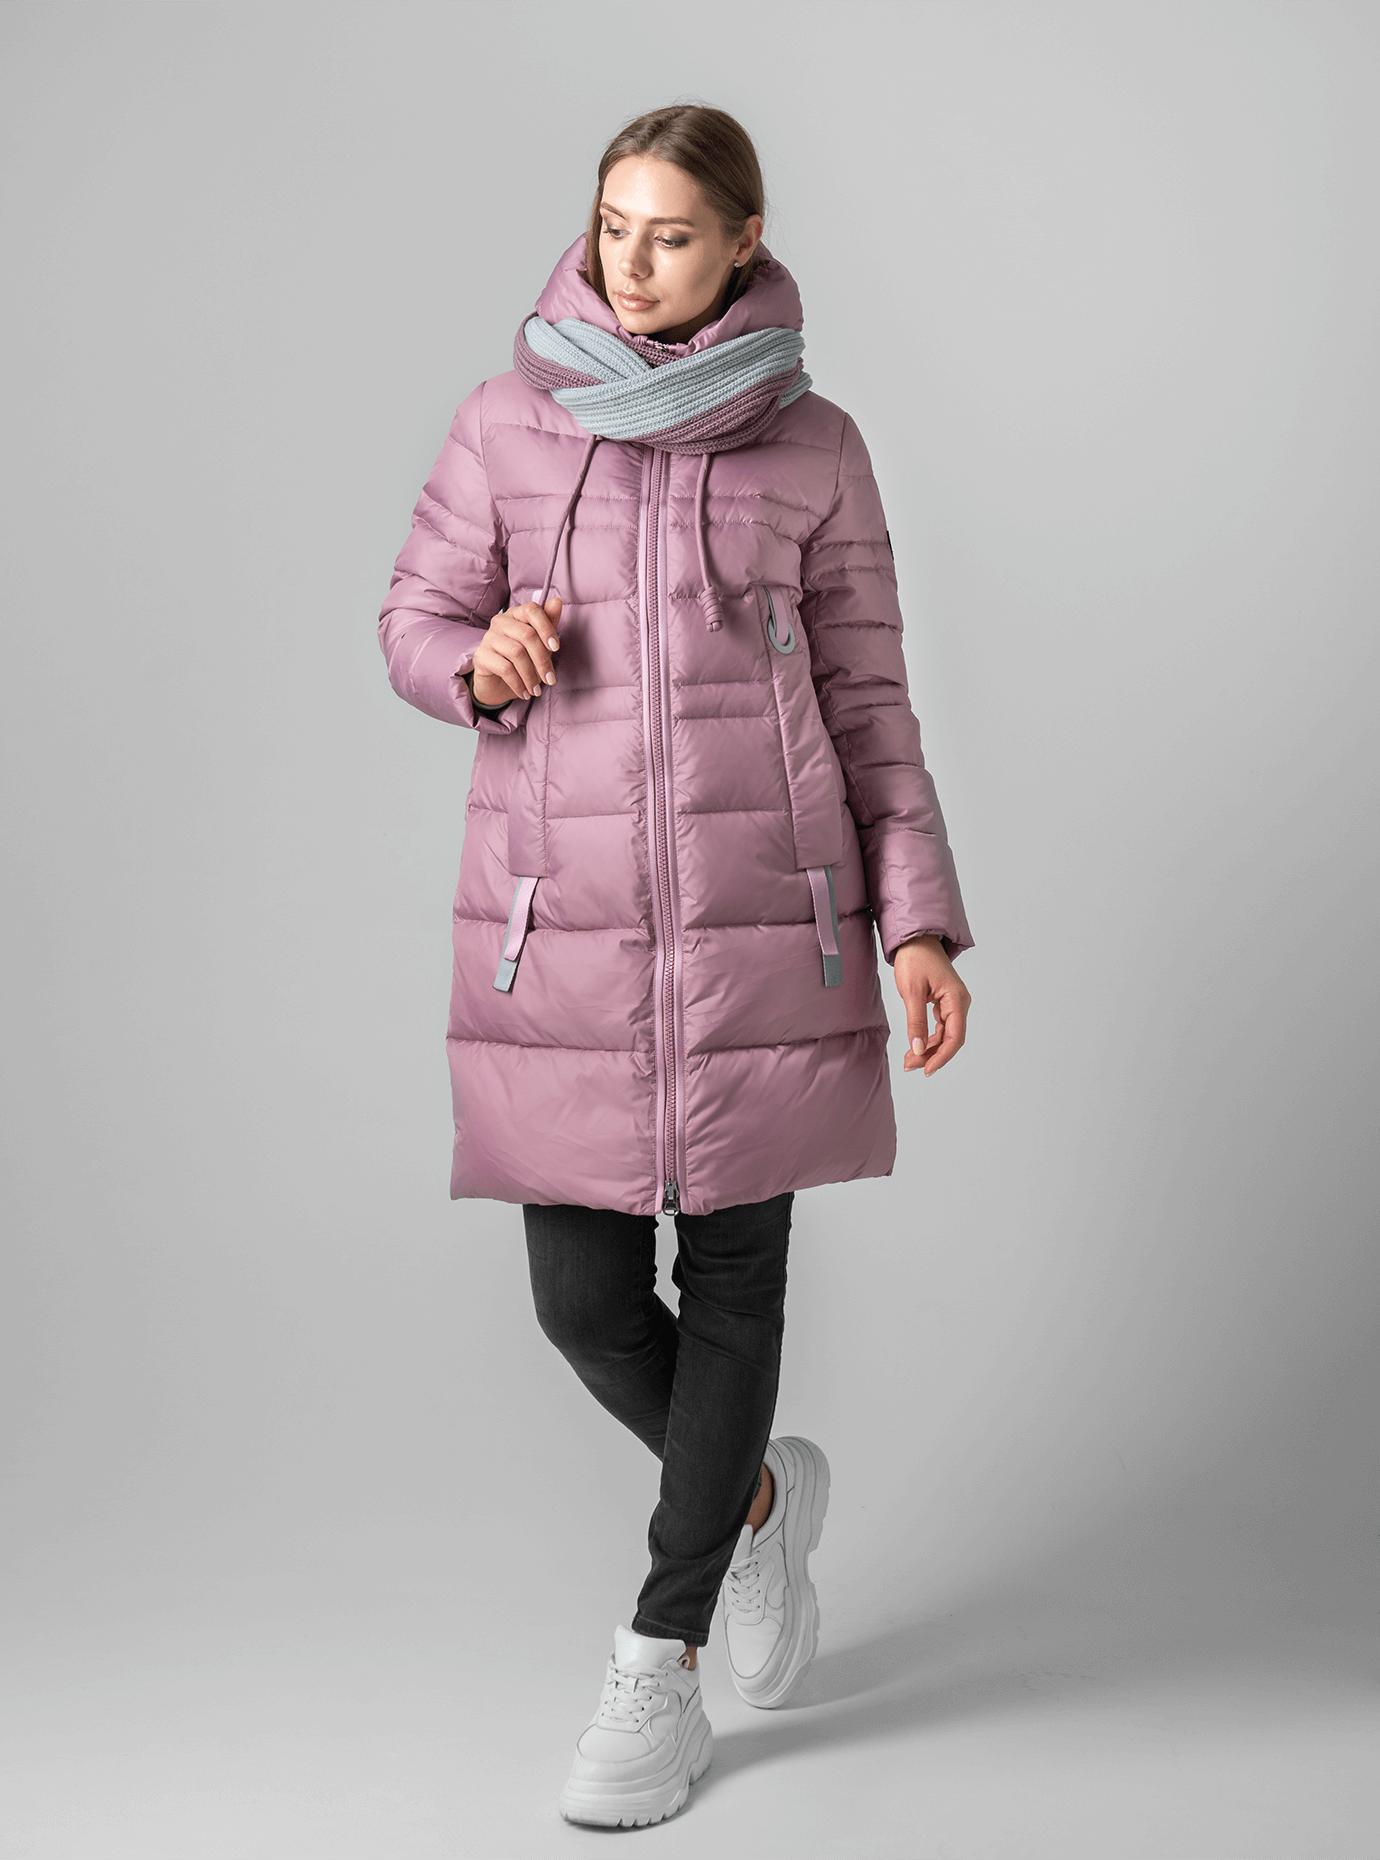 Жіноча зимова куртка-снуд Пудровий 2XL (02-190189): фото - Alster.ua